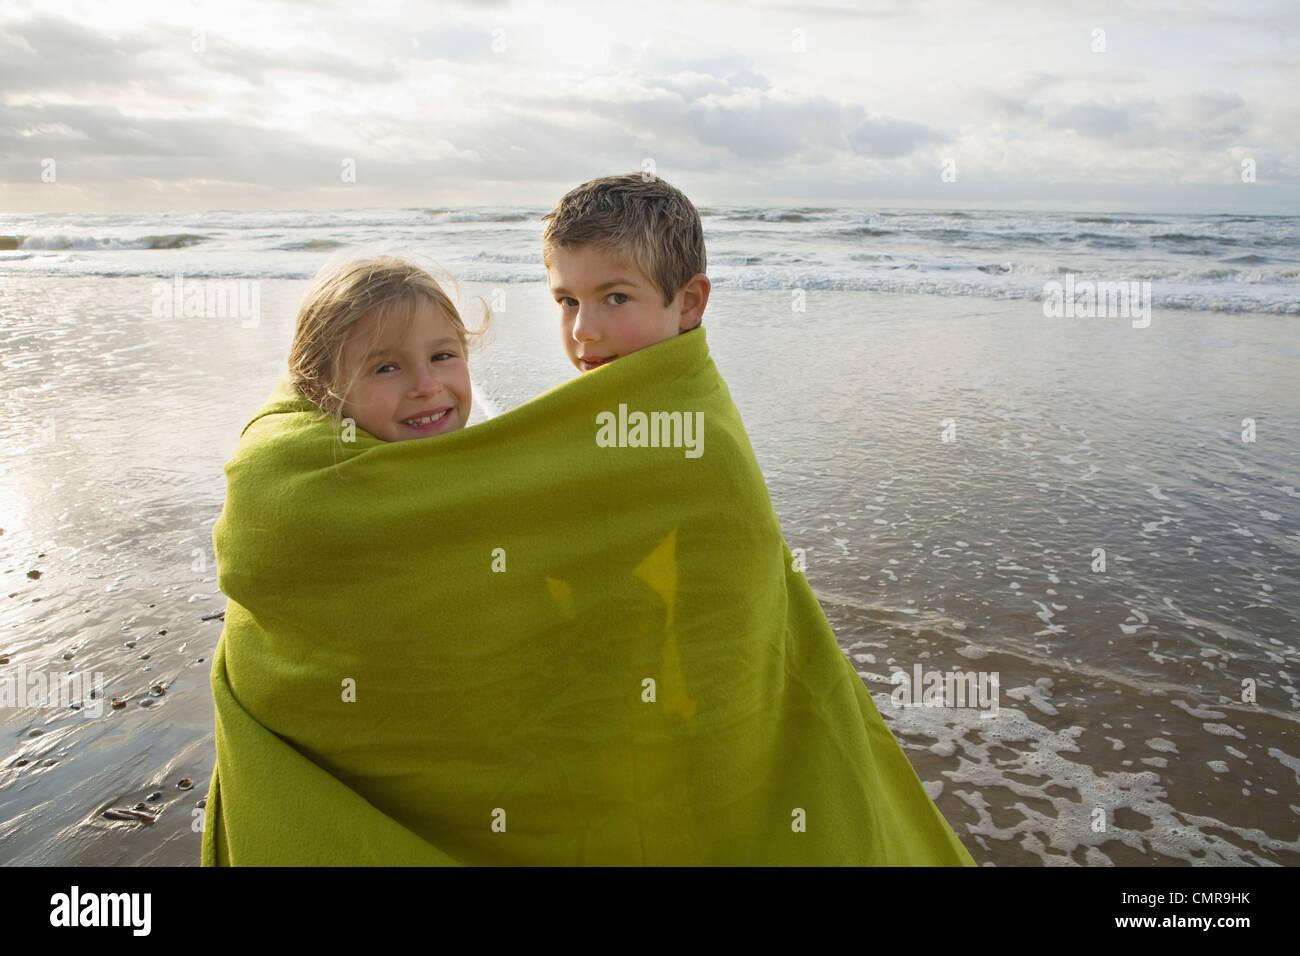 Los niños en Manta por el mar Imagen De Stock